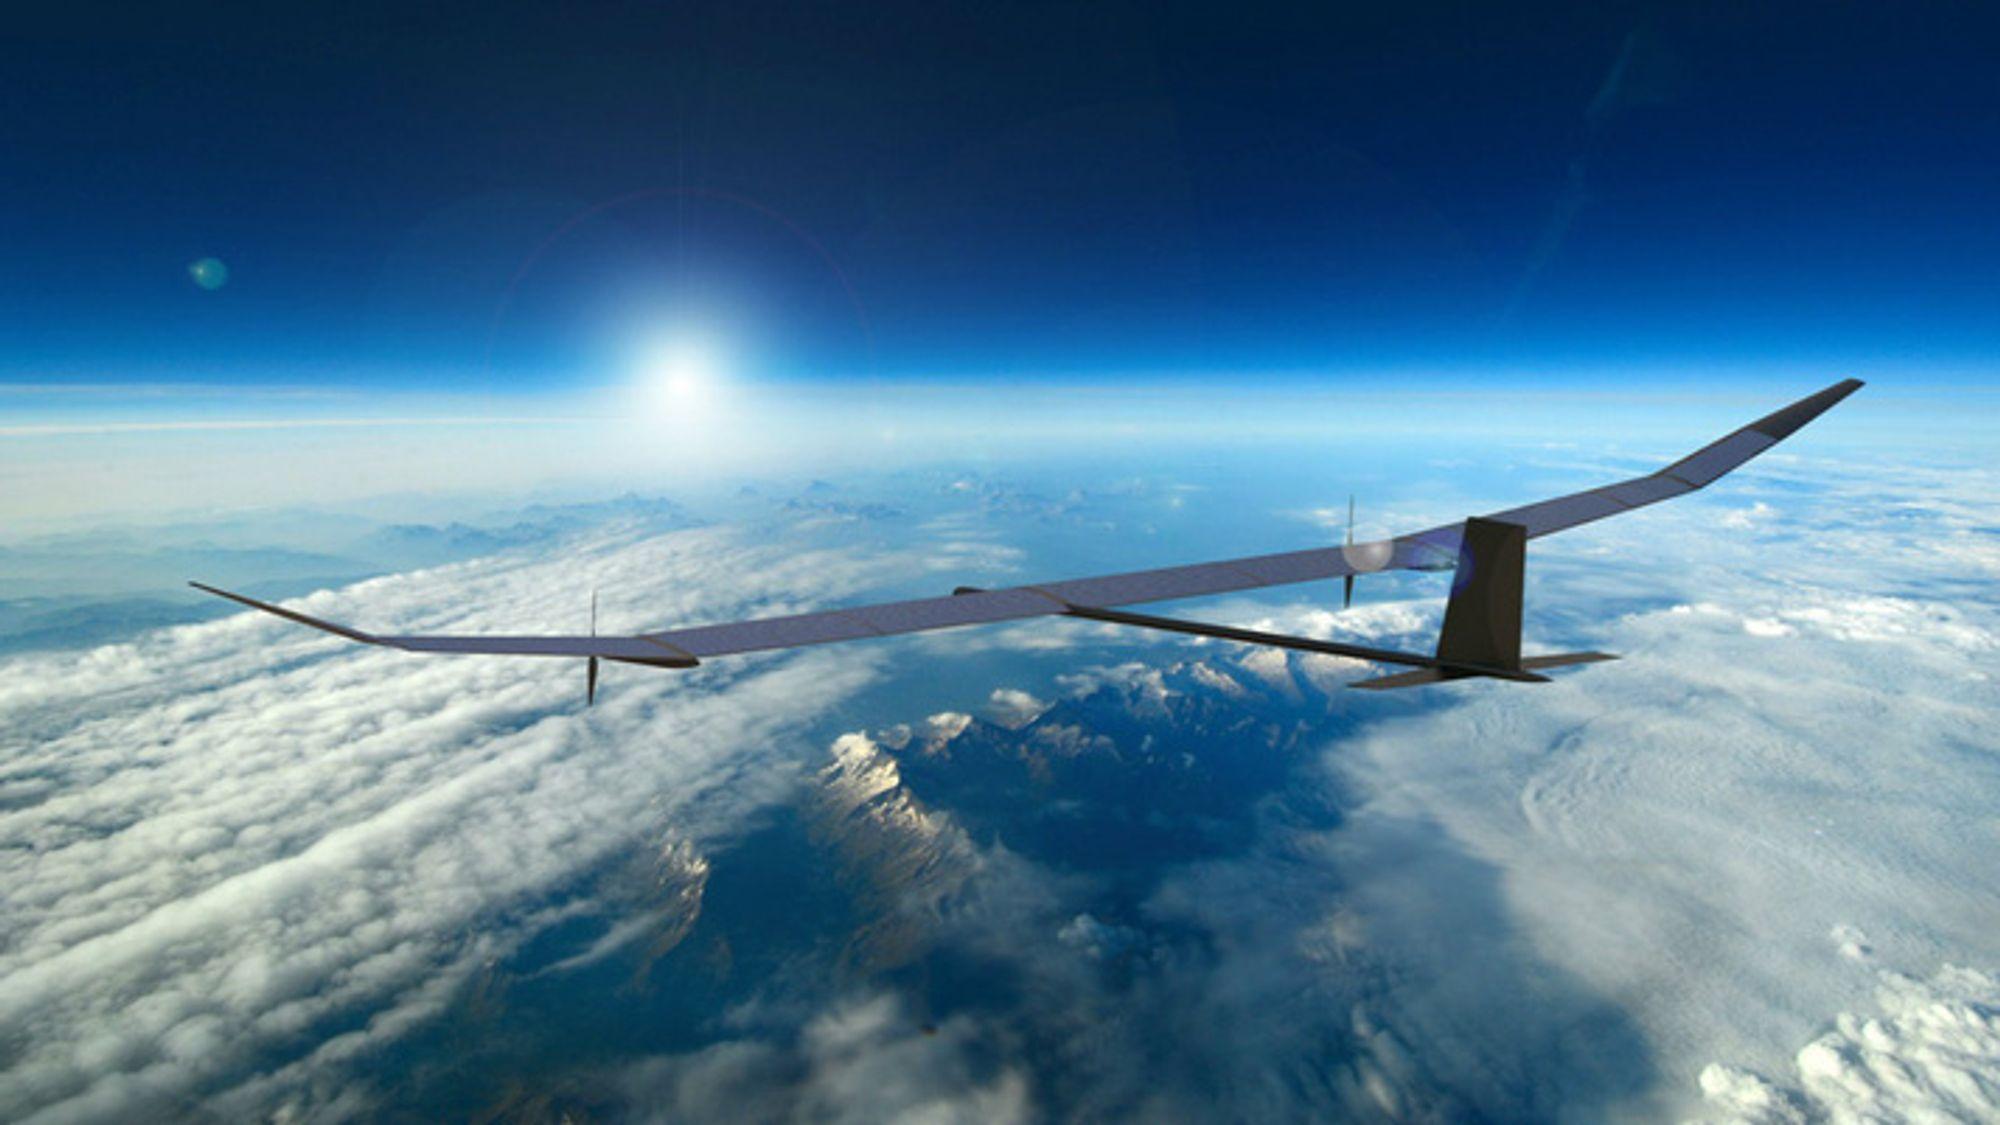 Det soldrevne, ubemannede luftfartøyet Phasa-35, slik den kan bli seende ut.